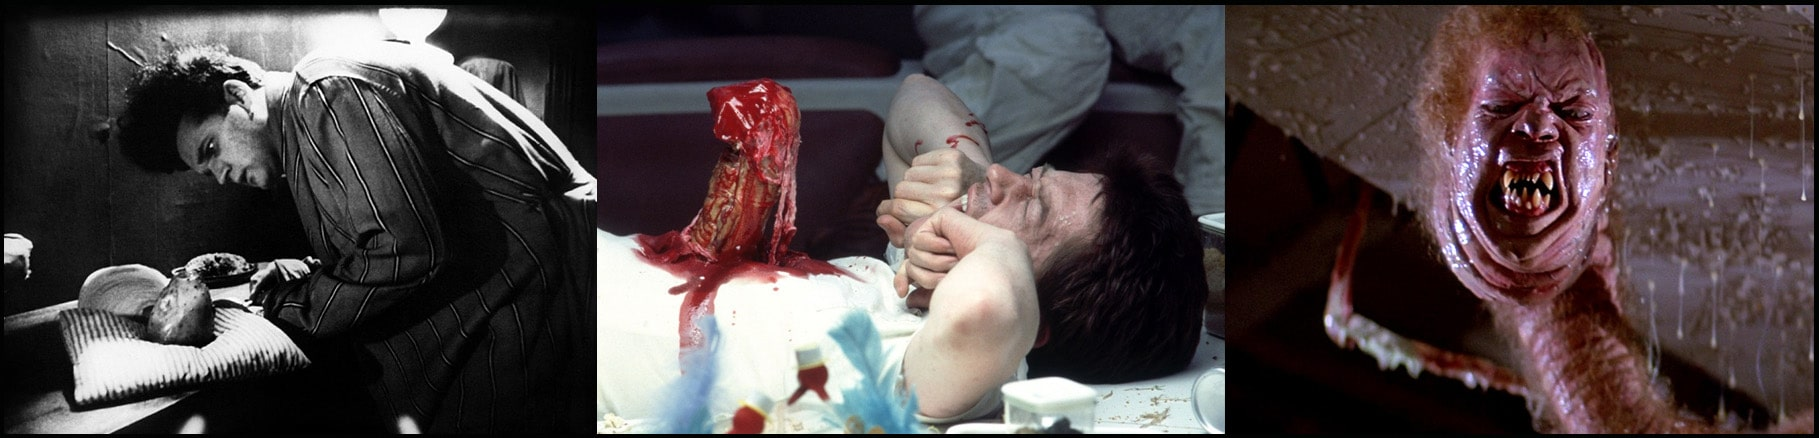 Body Horror 70s